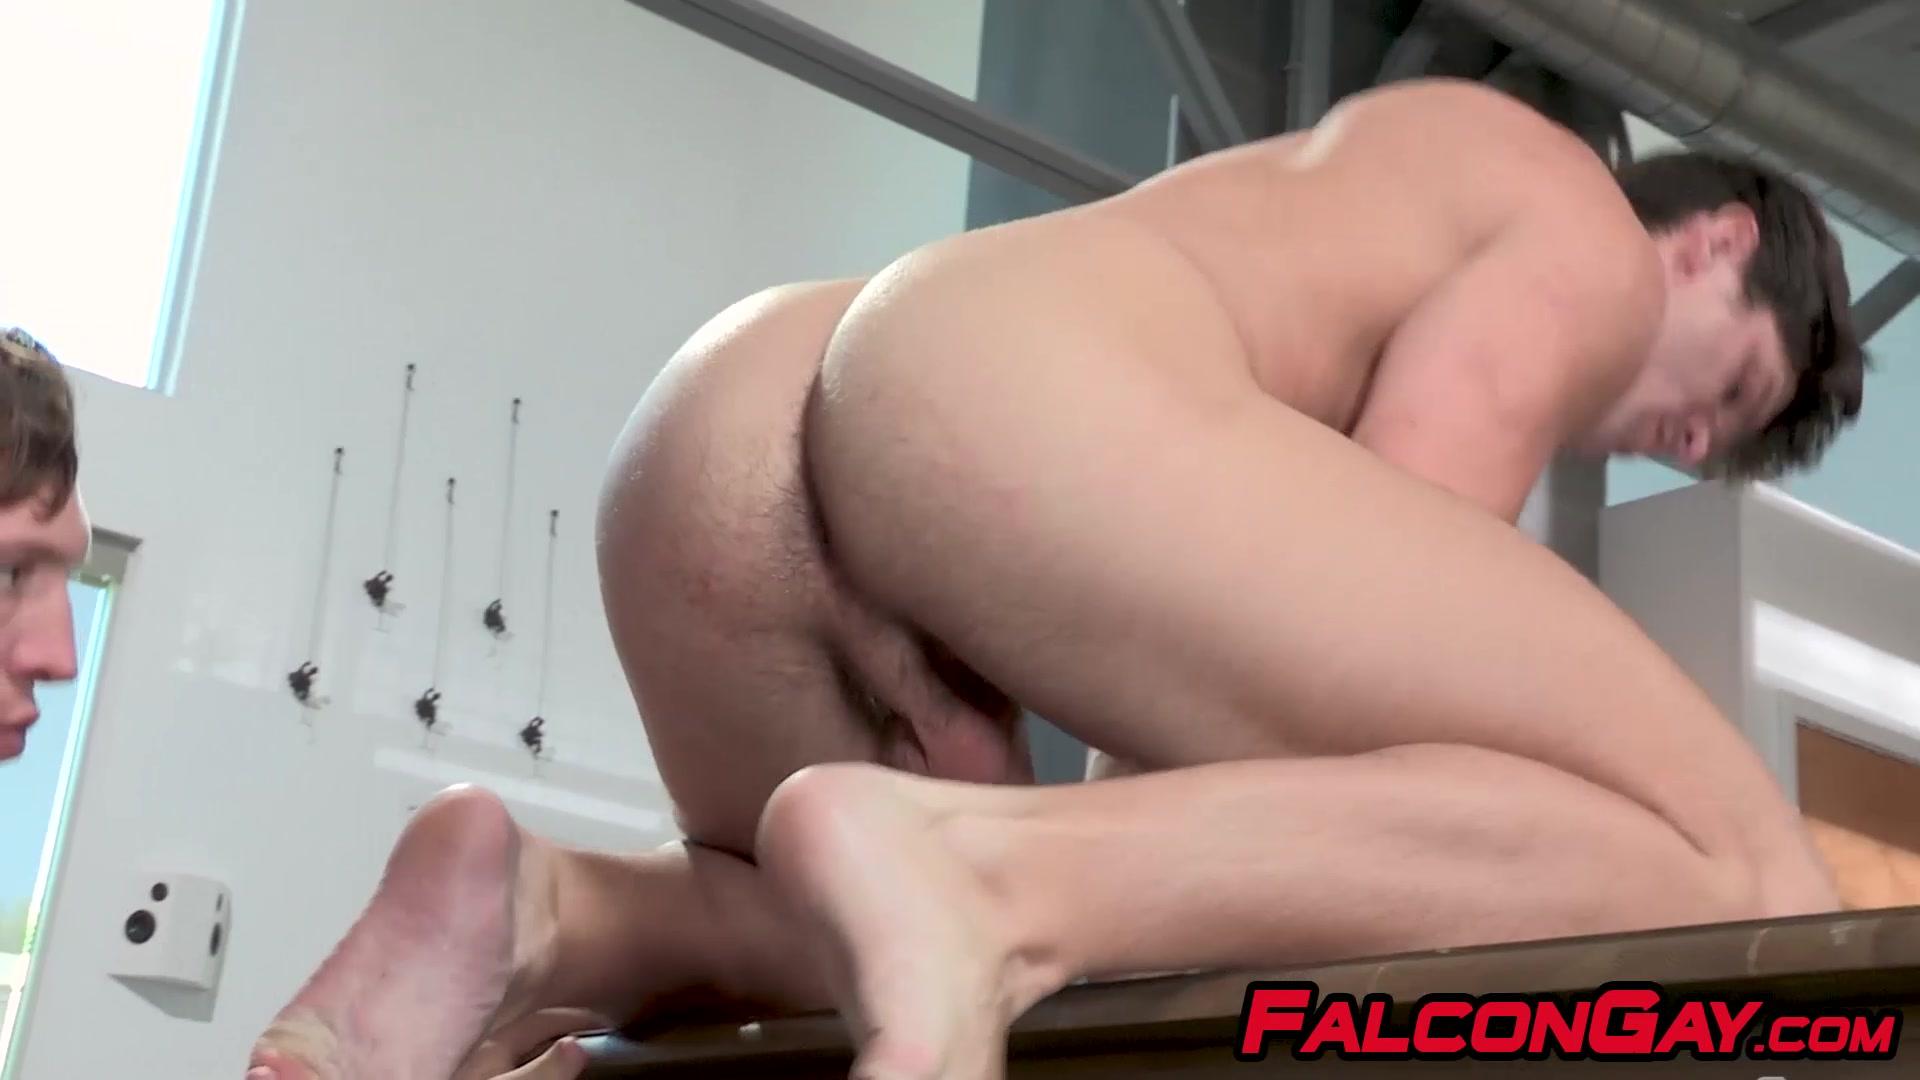 Adorable Porno En Vk adorable young hunk rides a huge cock passionately